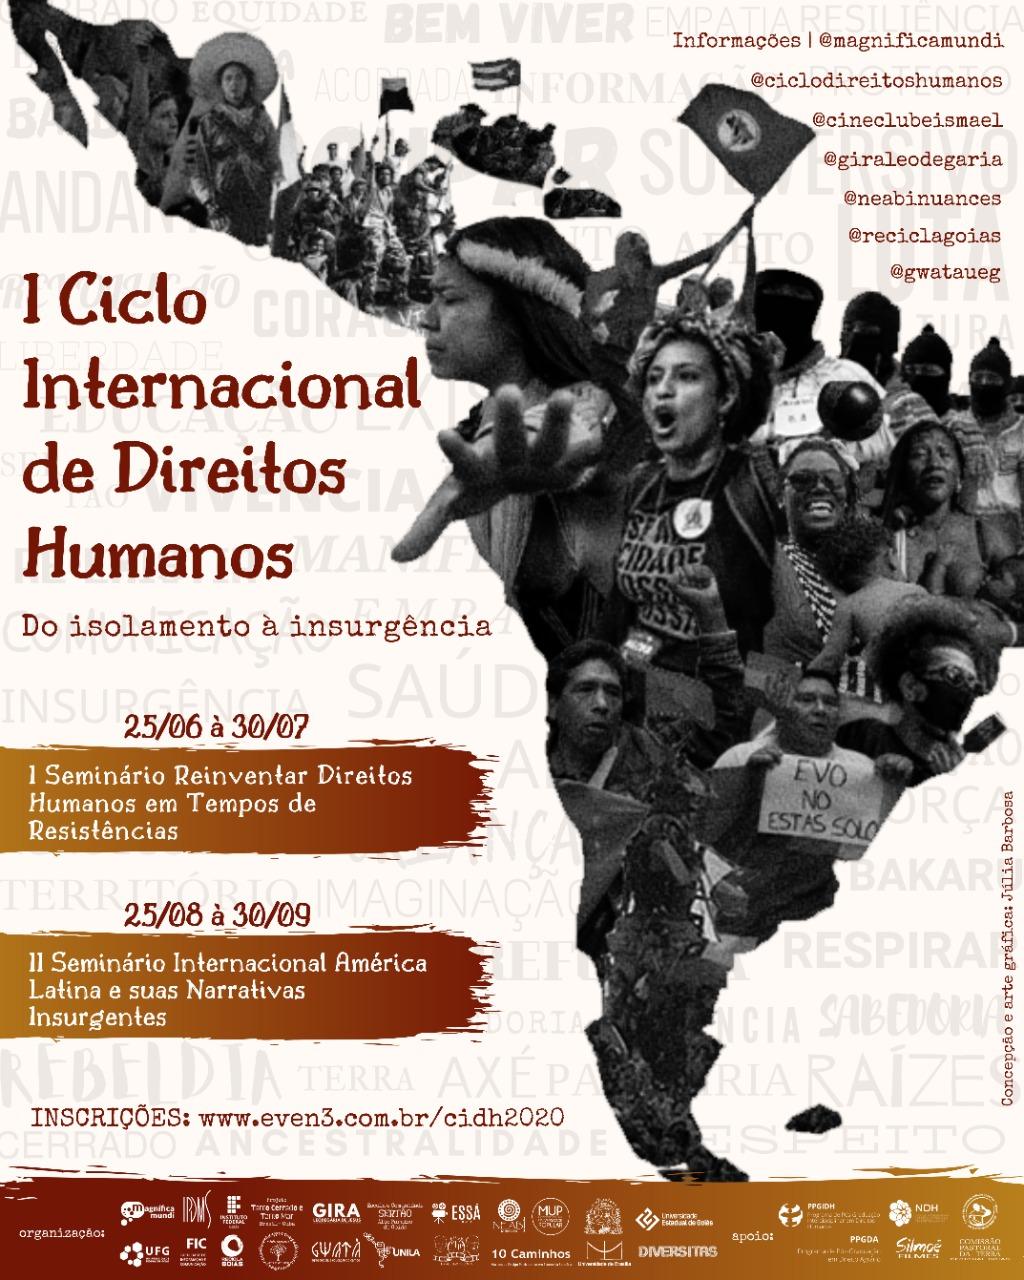 I Ciclo Internacional de Direitos Humanos: do isolamento à insurgência